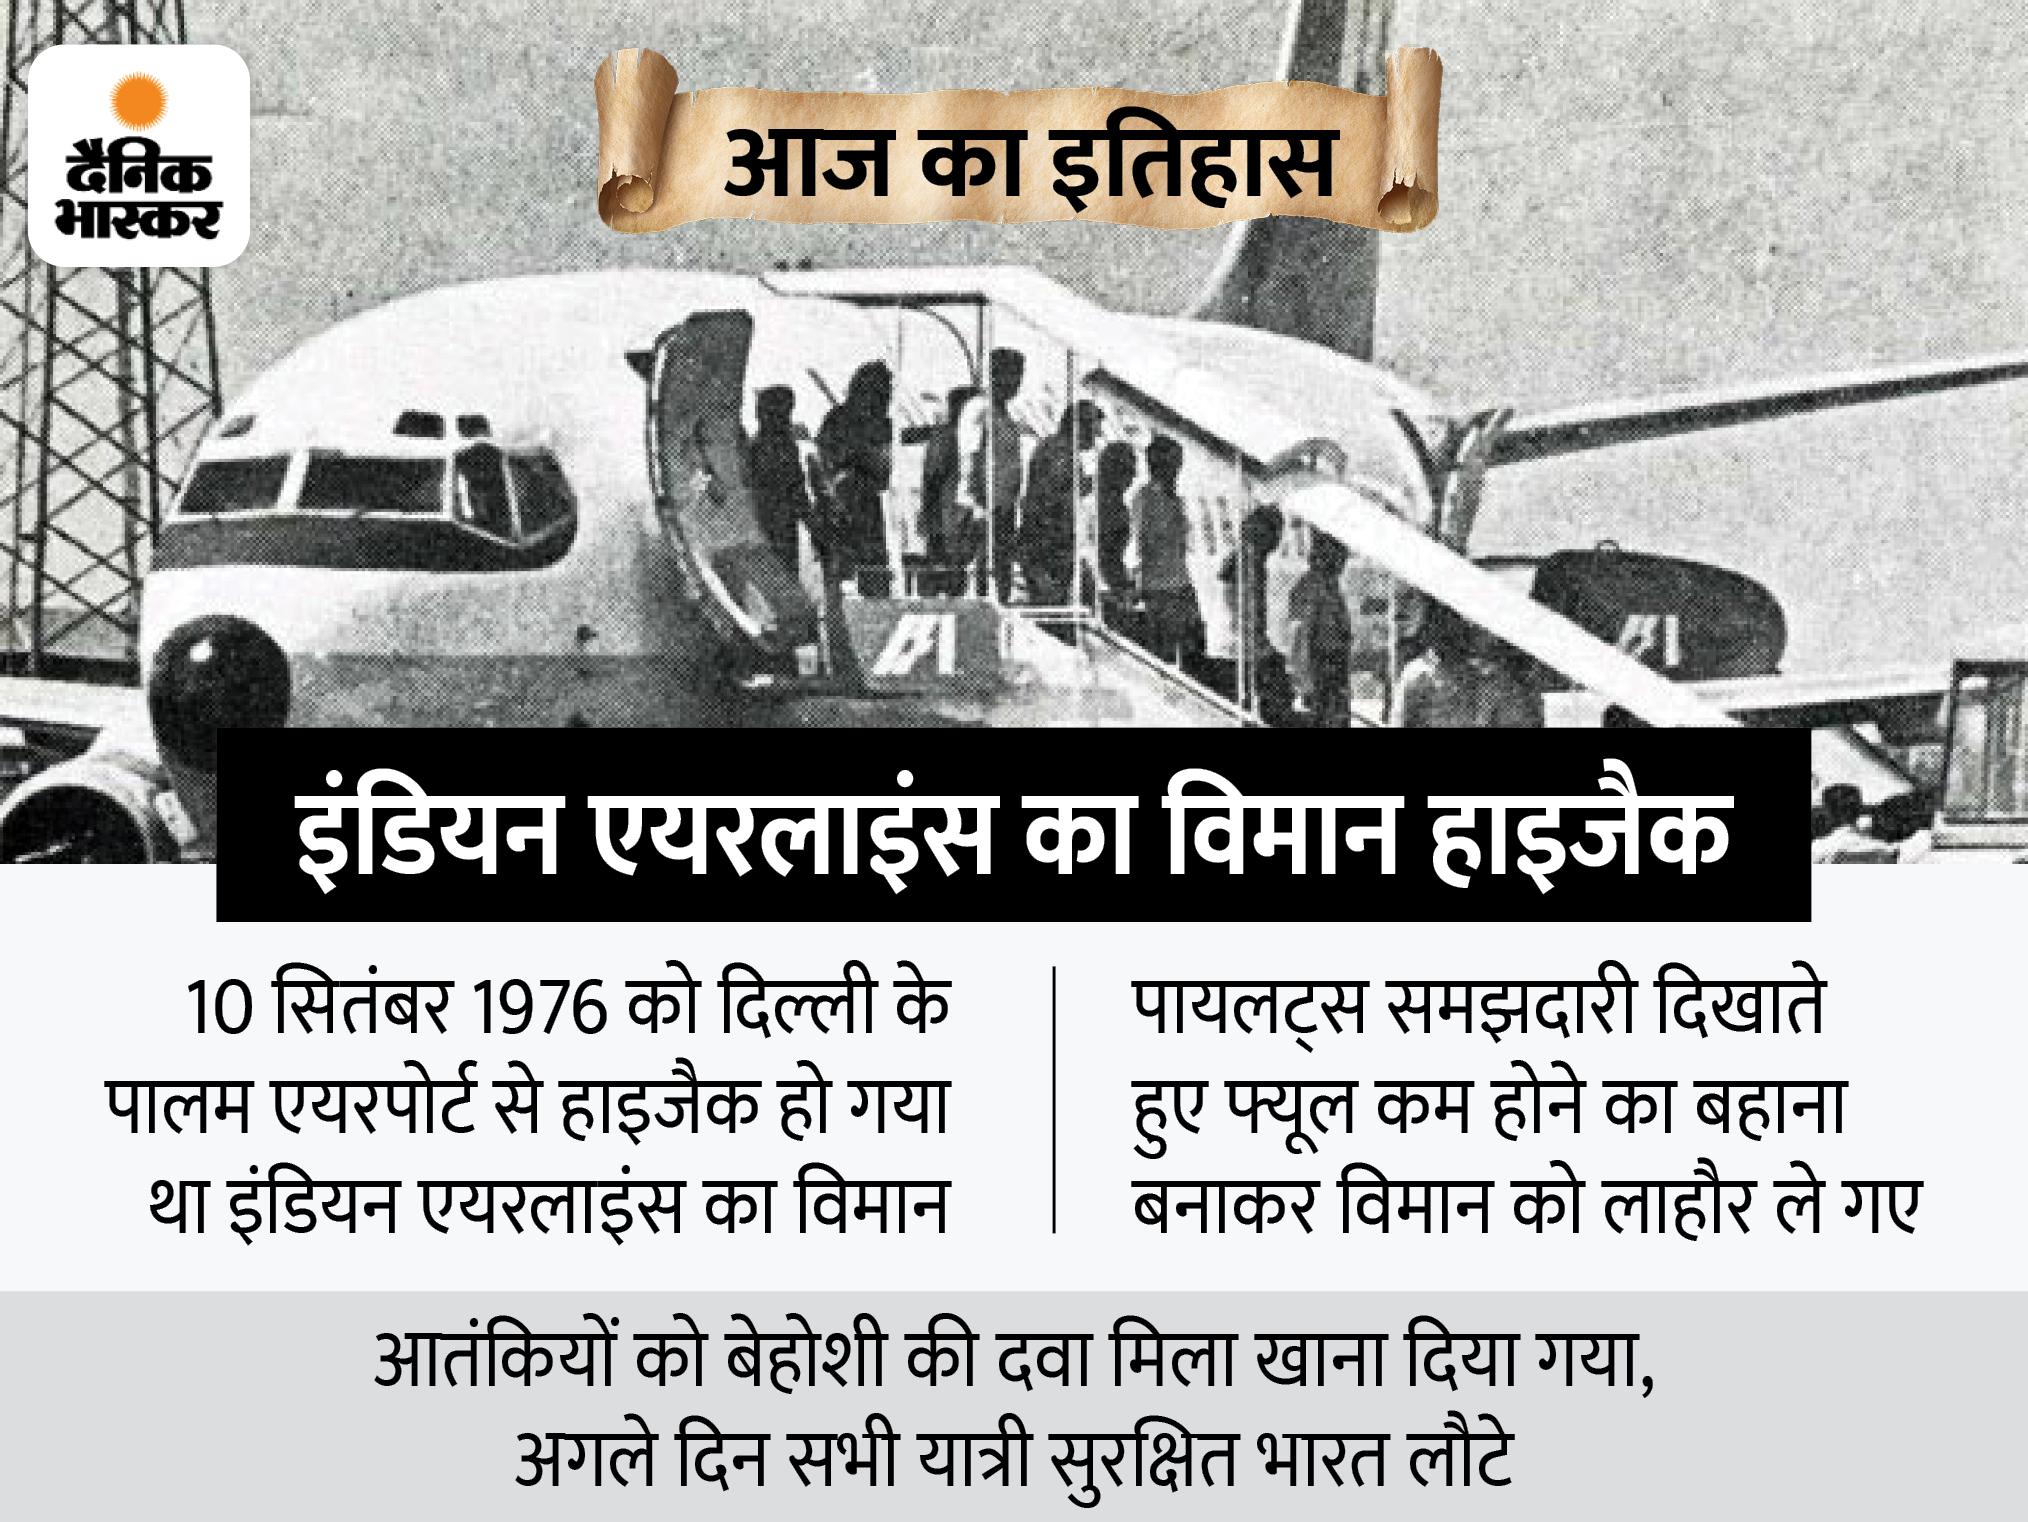 आतंकियों ने हाइजैक कर लिया था इंडियन एयरलाइंस का विमान, पायलट्स की समझदारी से एक भी यात्री को खरोंच तक नहीं आई|देश,National - Dainik Bhaskar